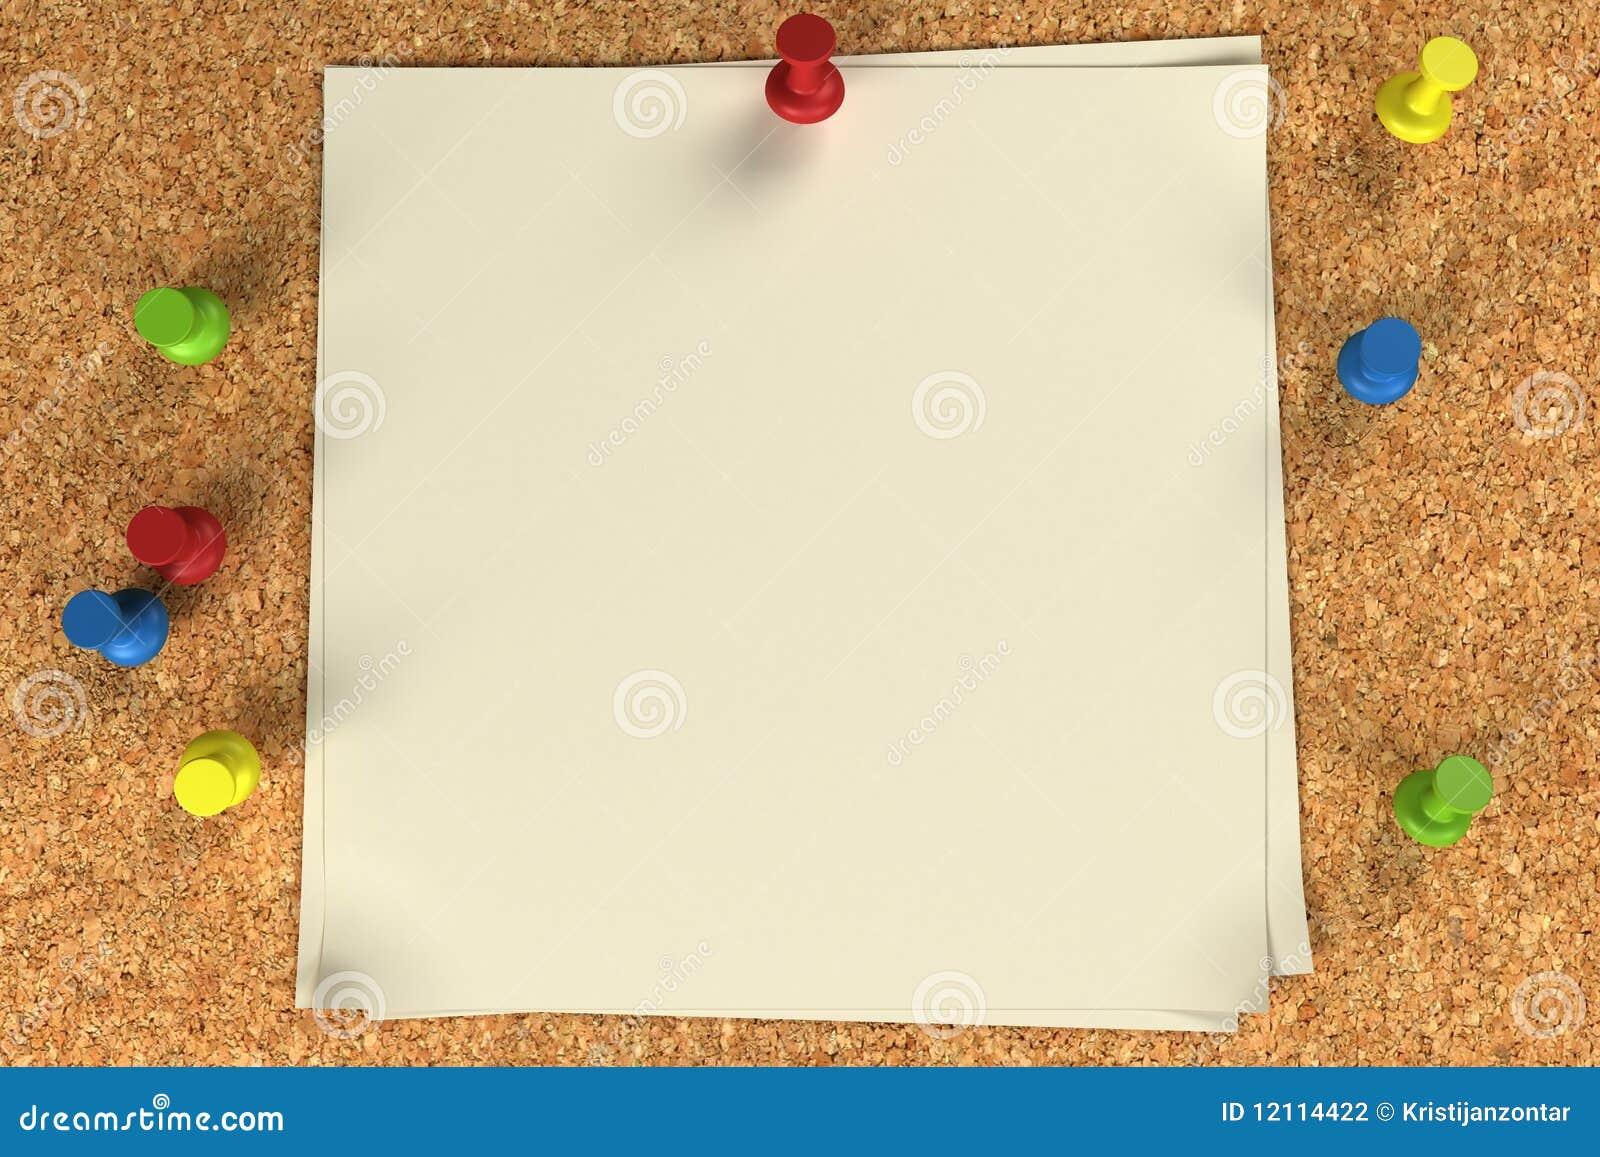 Nota y pasadores en una tarjeta del corcho fotograf a de - Corcho para fotos ...